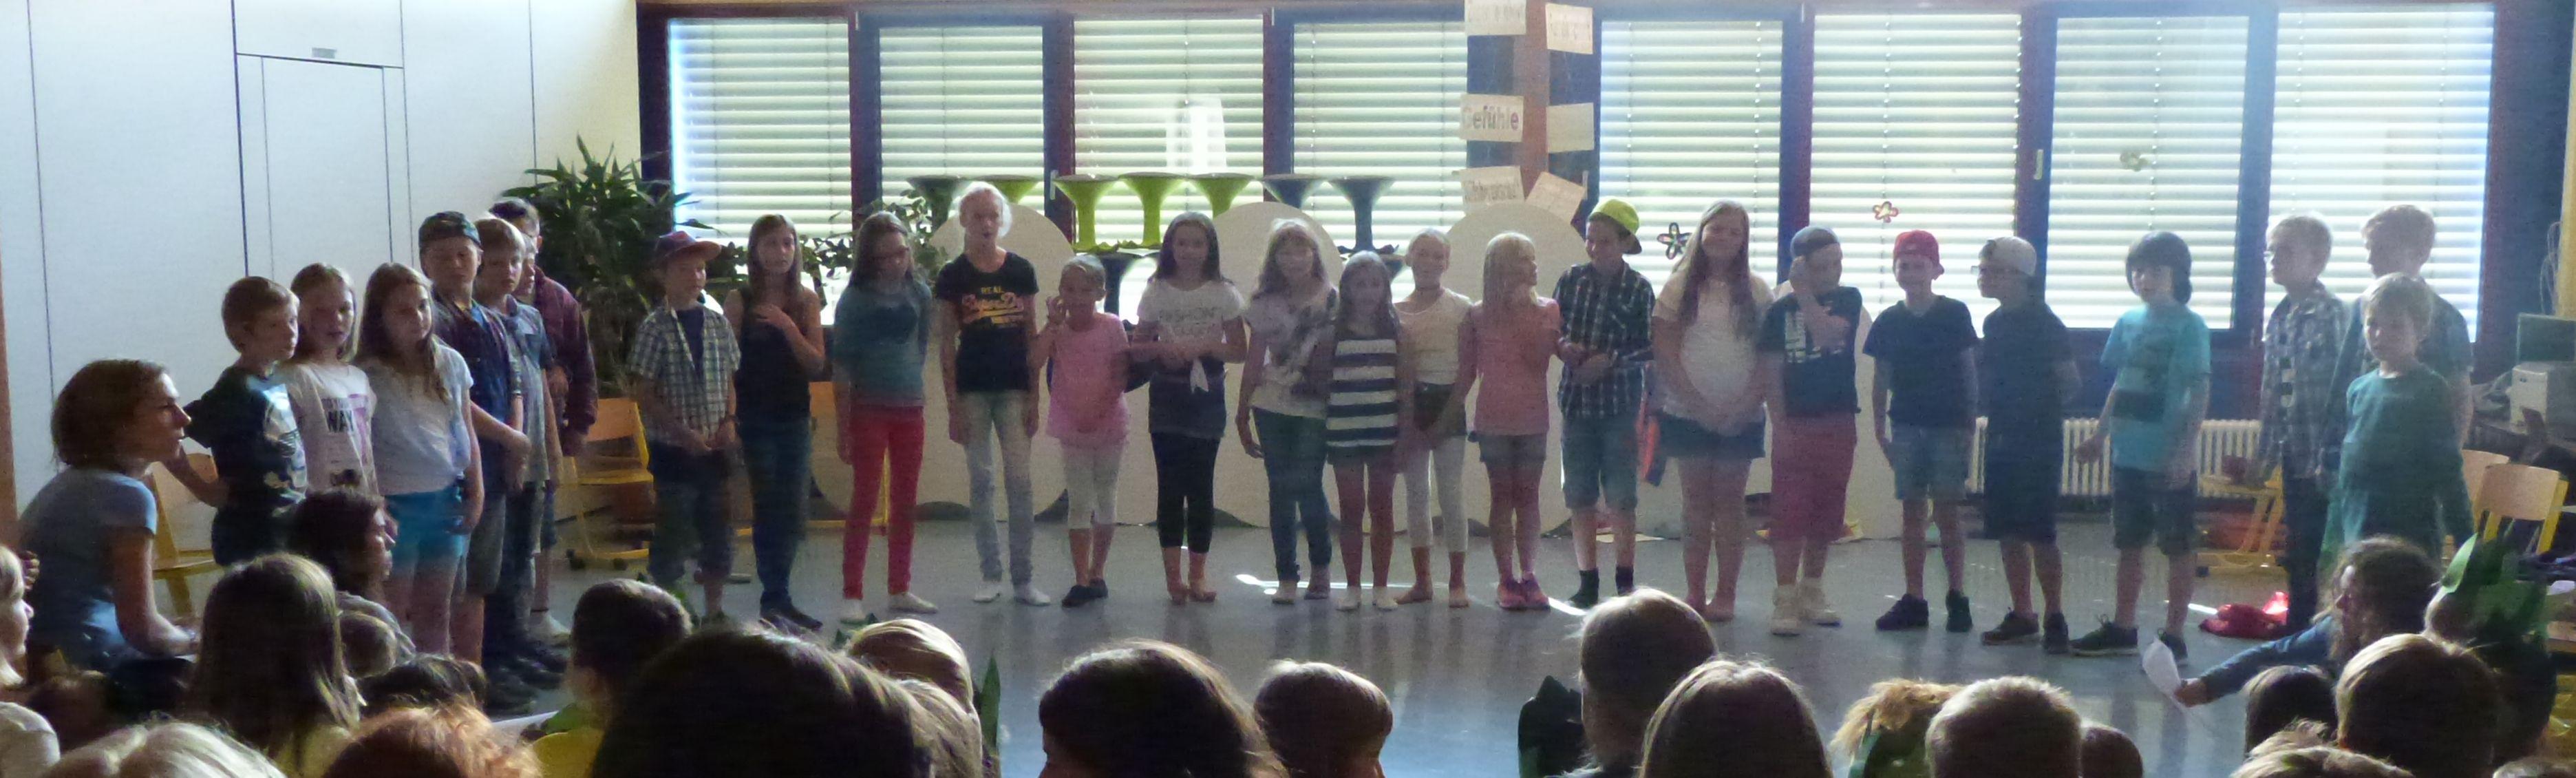 2016.07.15. Schulversammlung 08